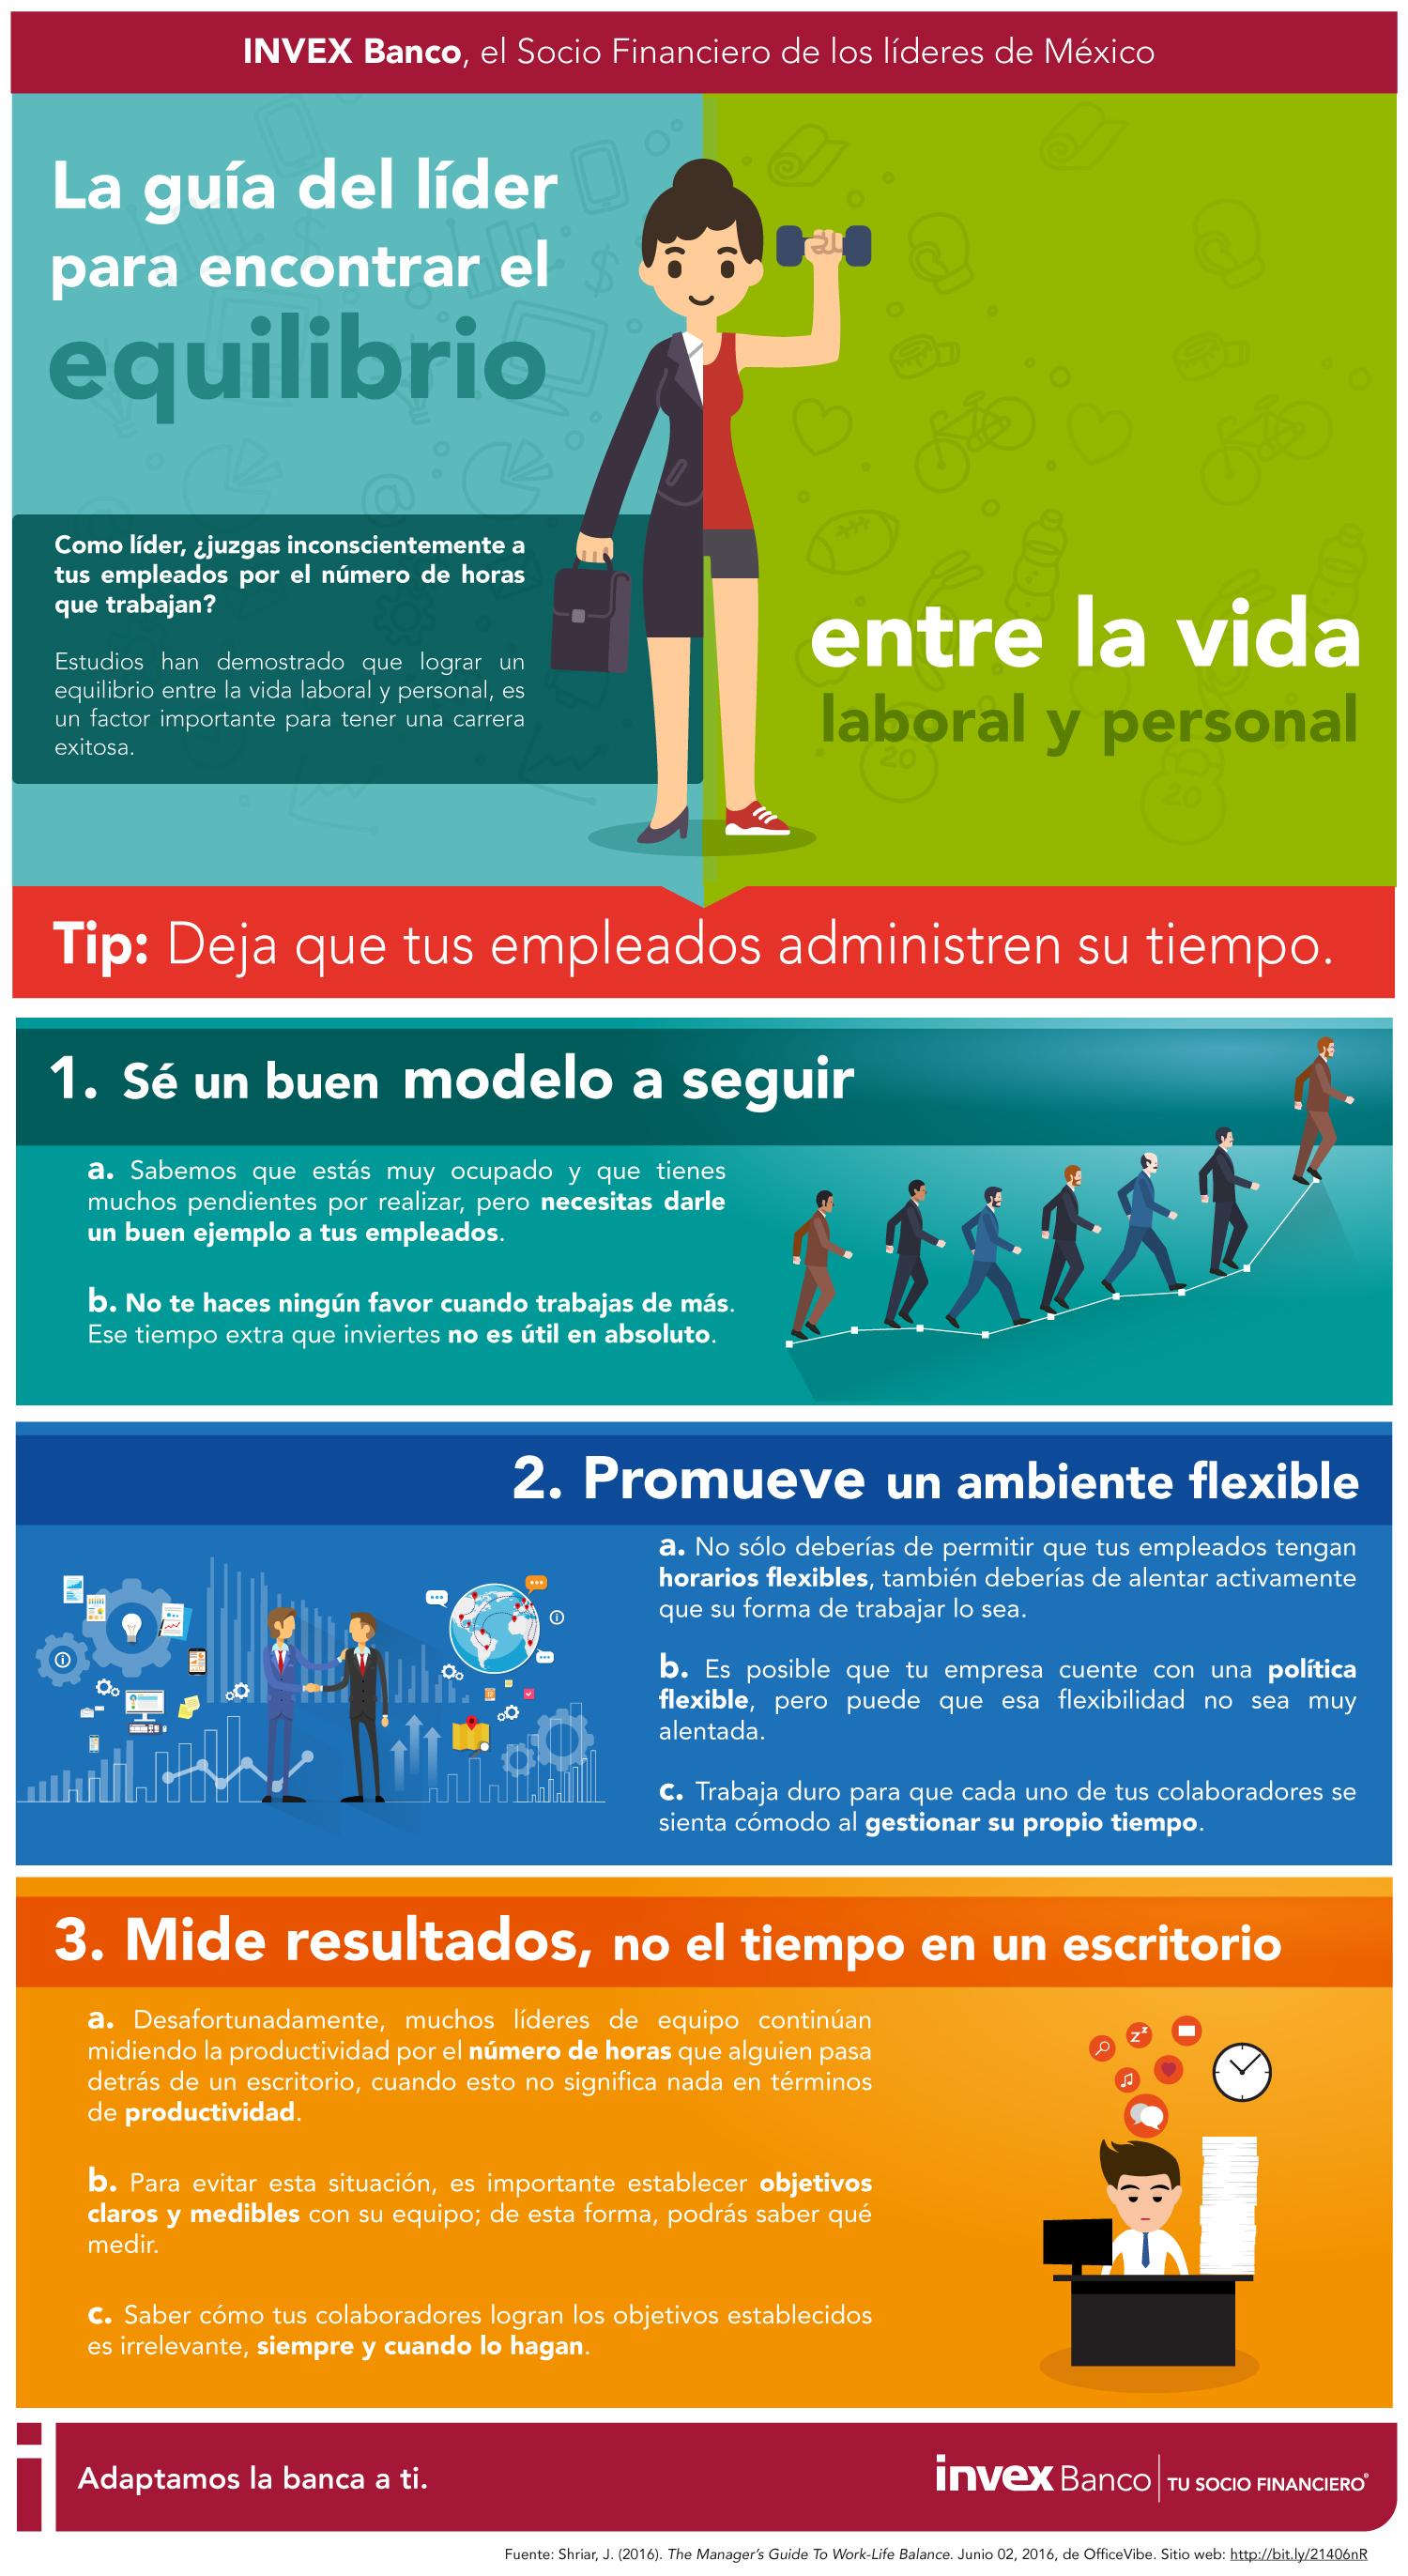 Guía del líder para encontrar el equilibrio entre la vida laboral y personal #infografia #rrhh